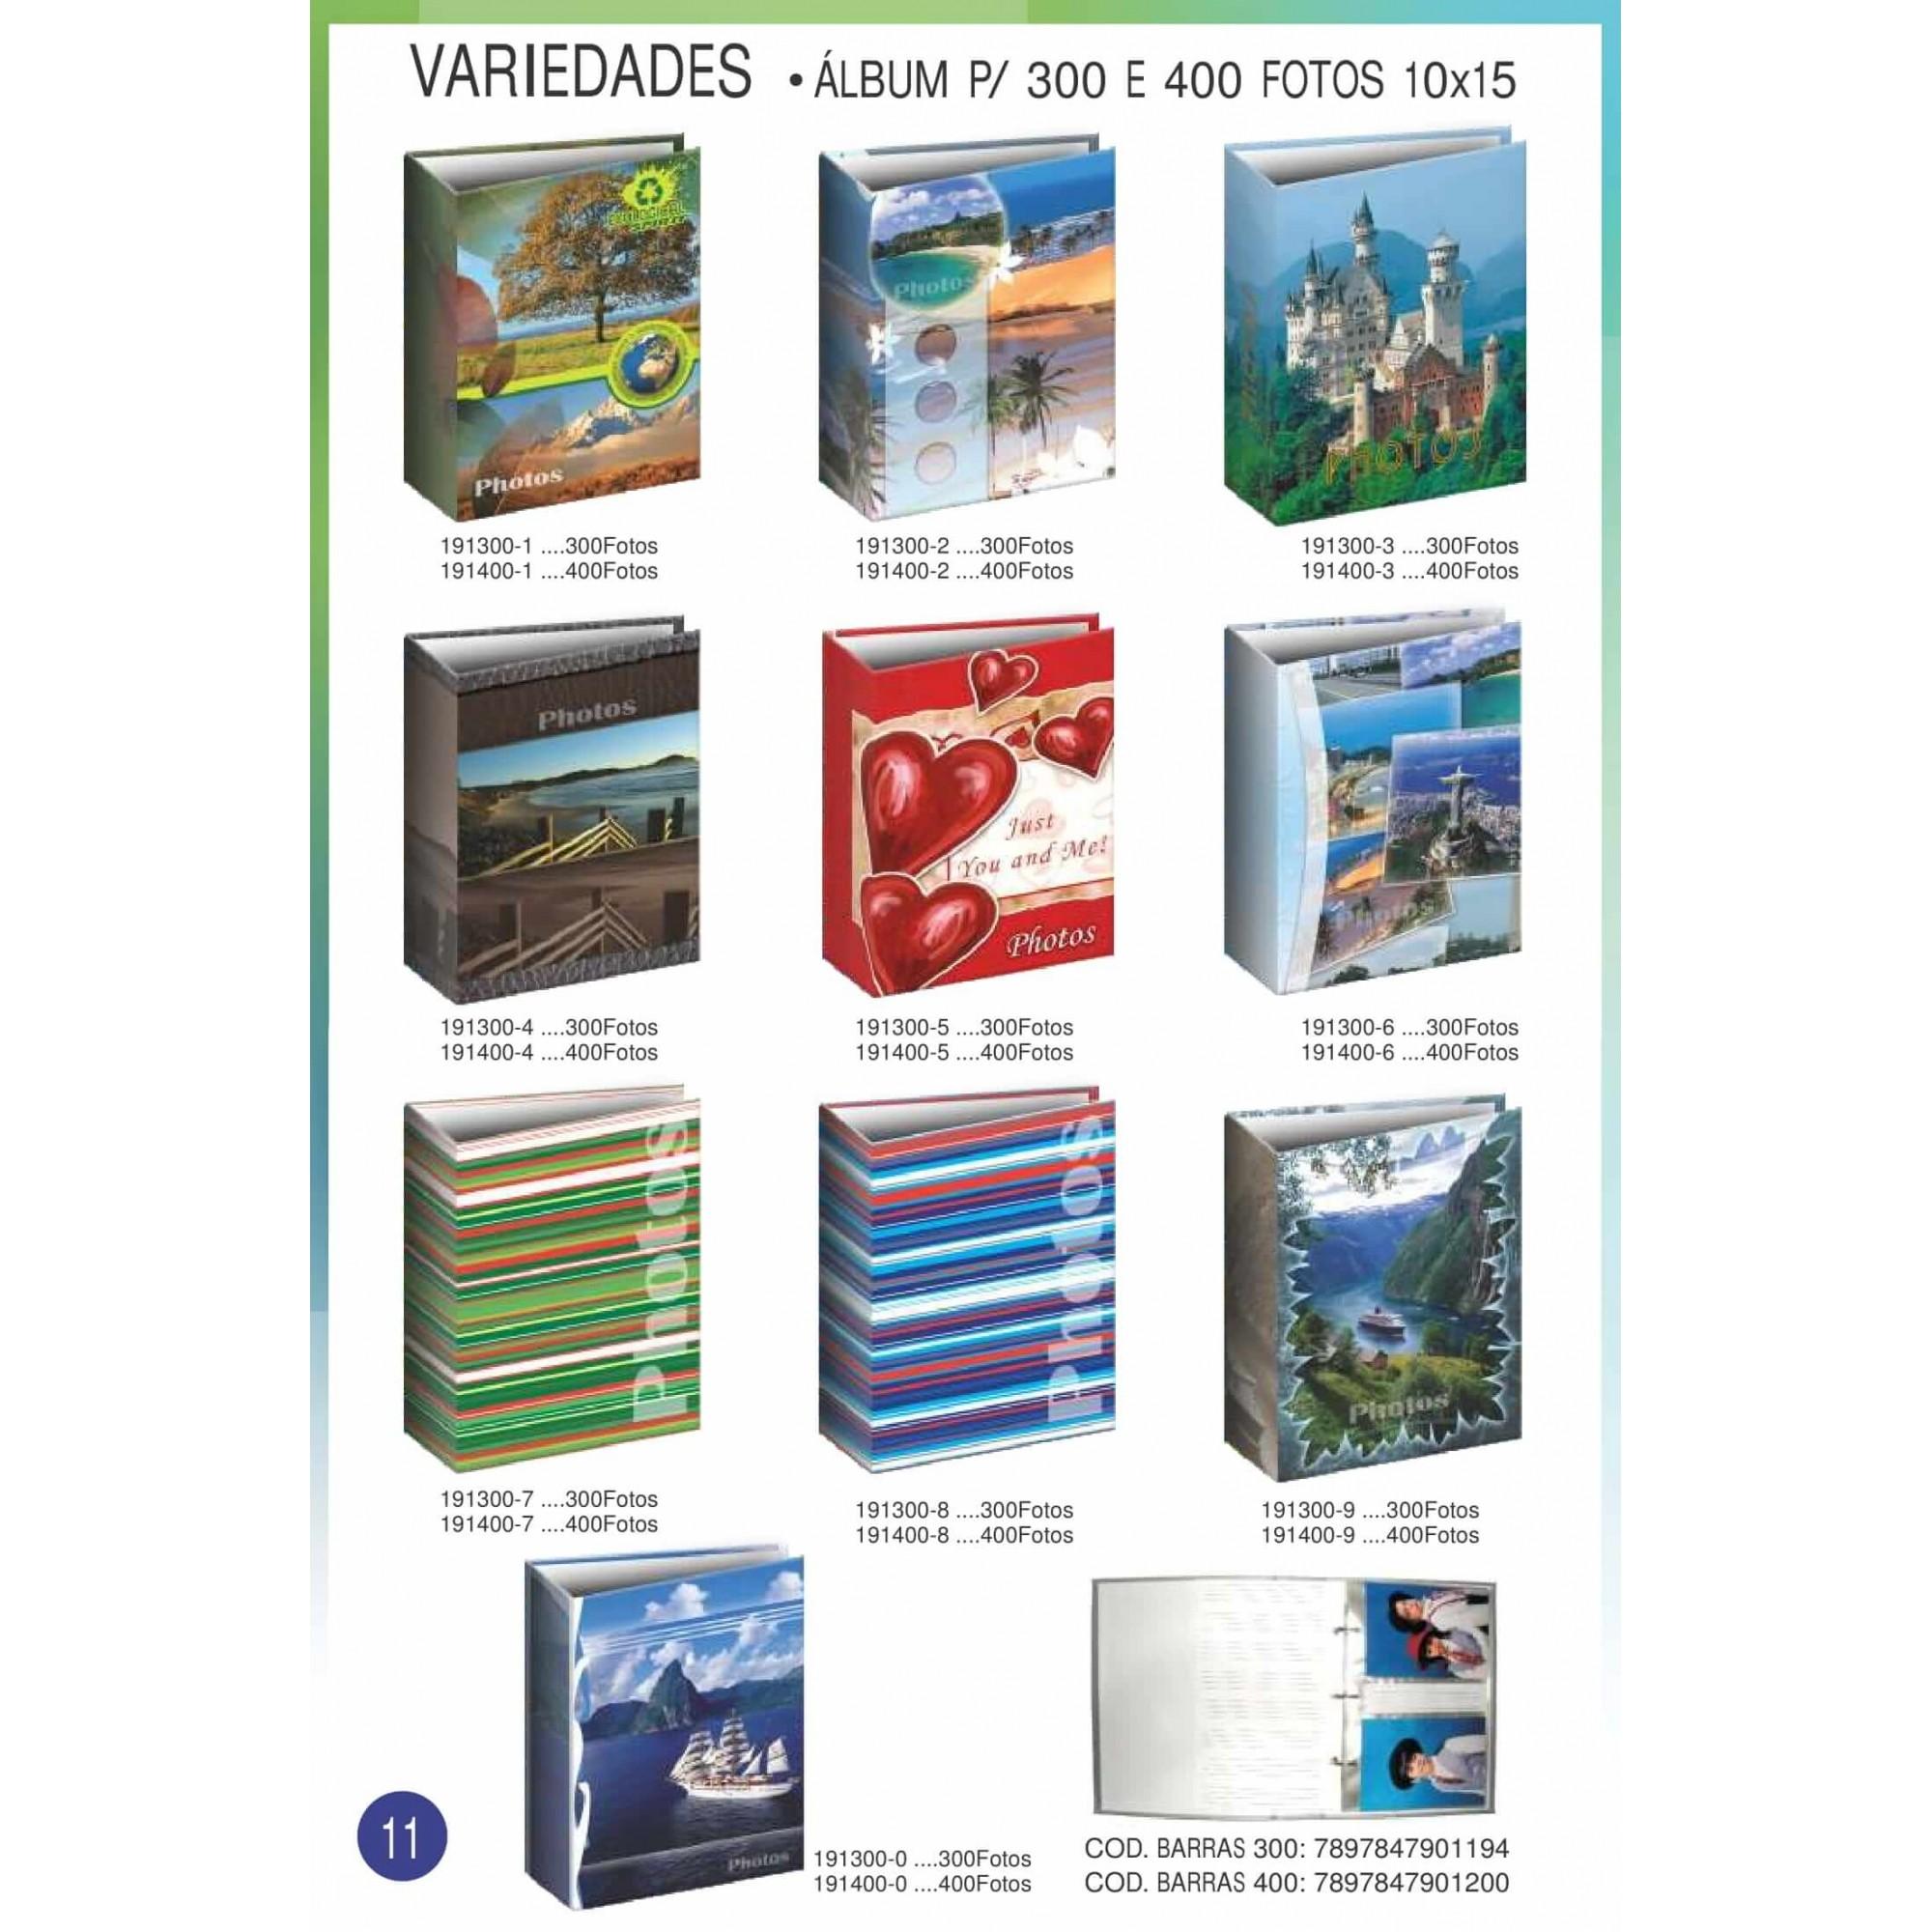 4 Album Luxo Ferrag 10x15/300ate 500 F. + 2 Refis 10x15/120f